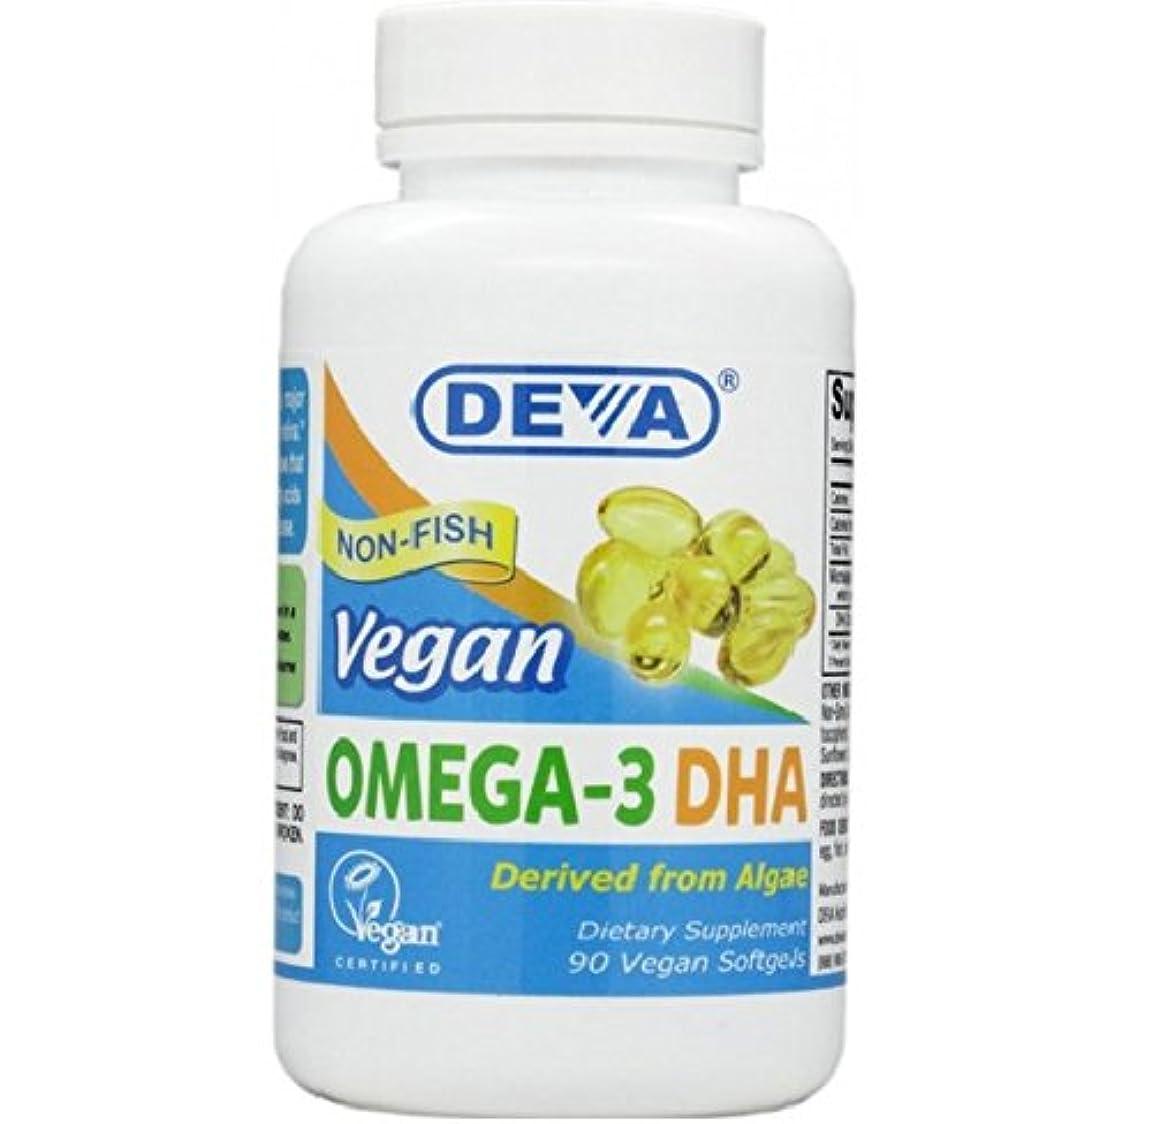 差別化するアブストラクト生命体海外直送肘 Omega-3 DHA, 90 SGEL